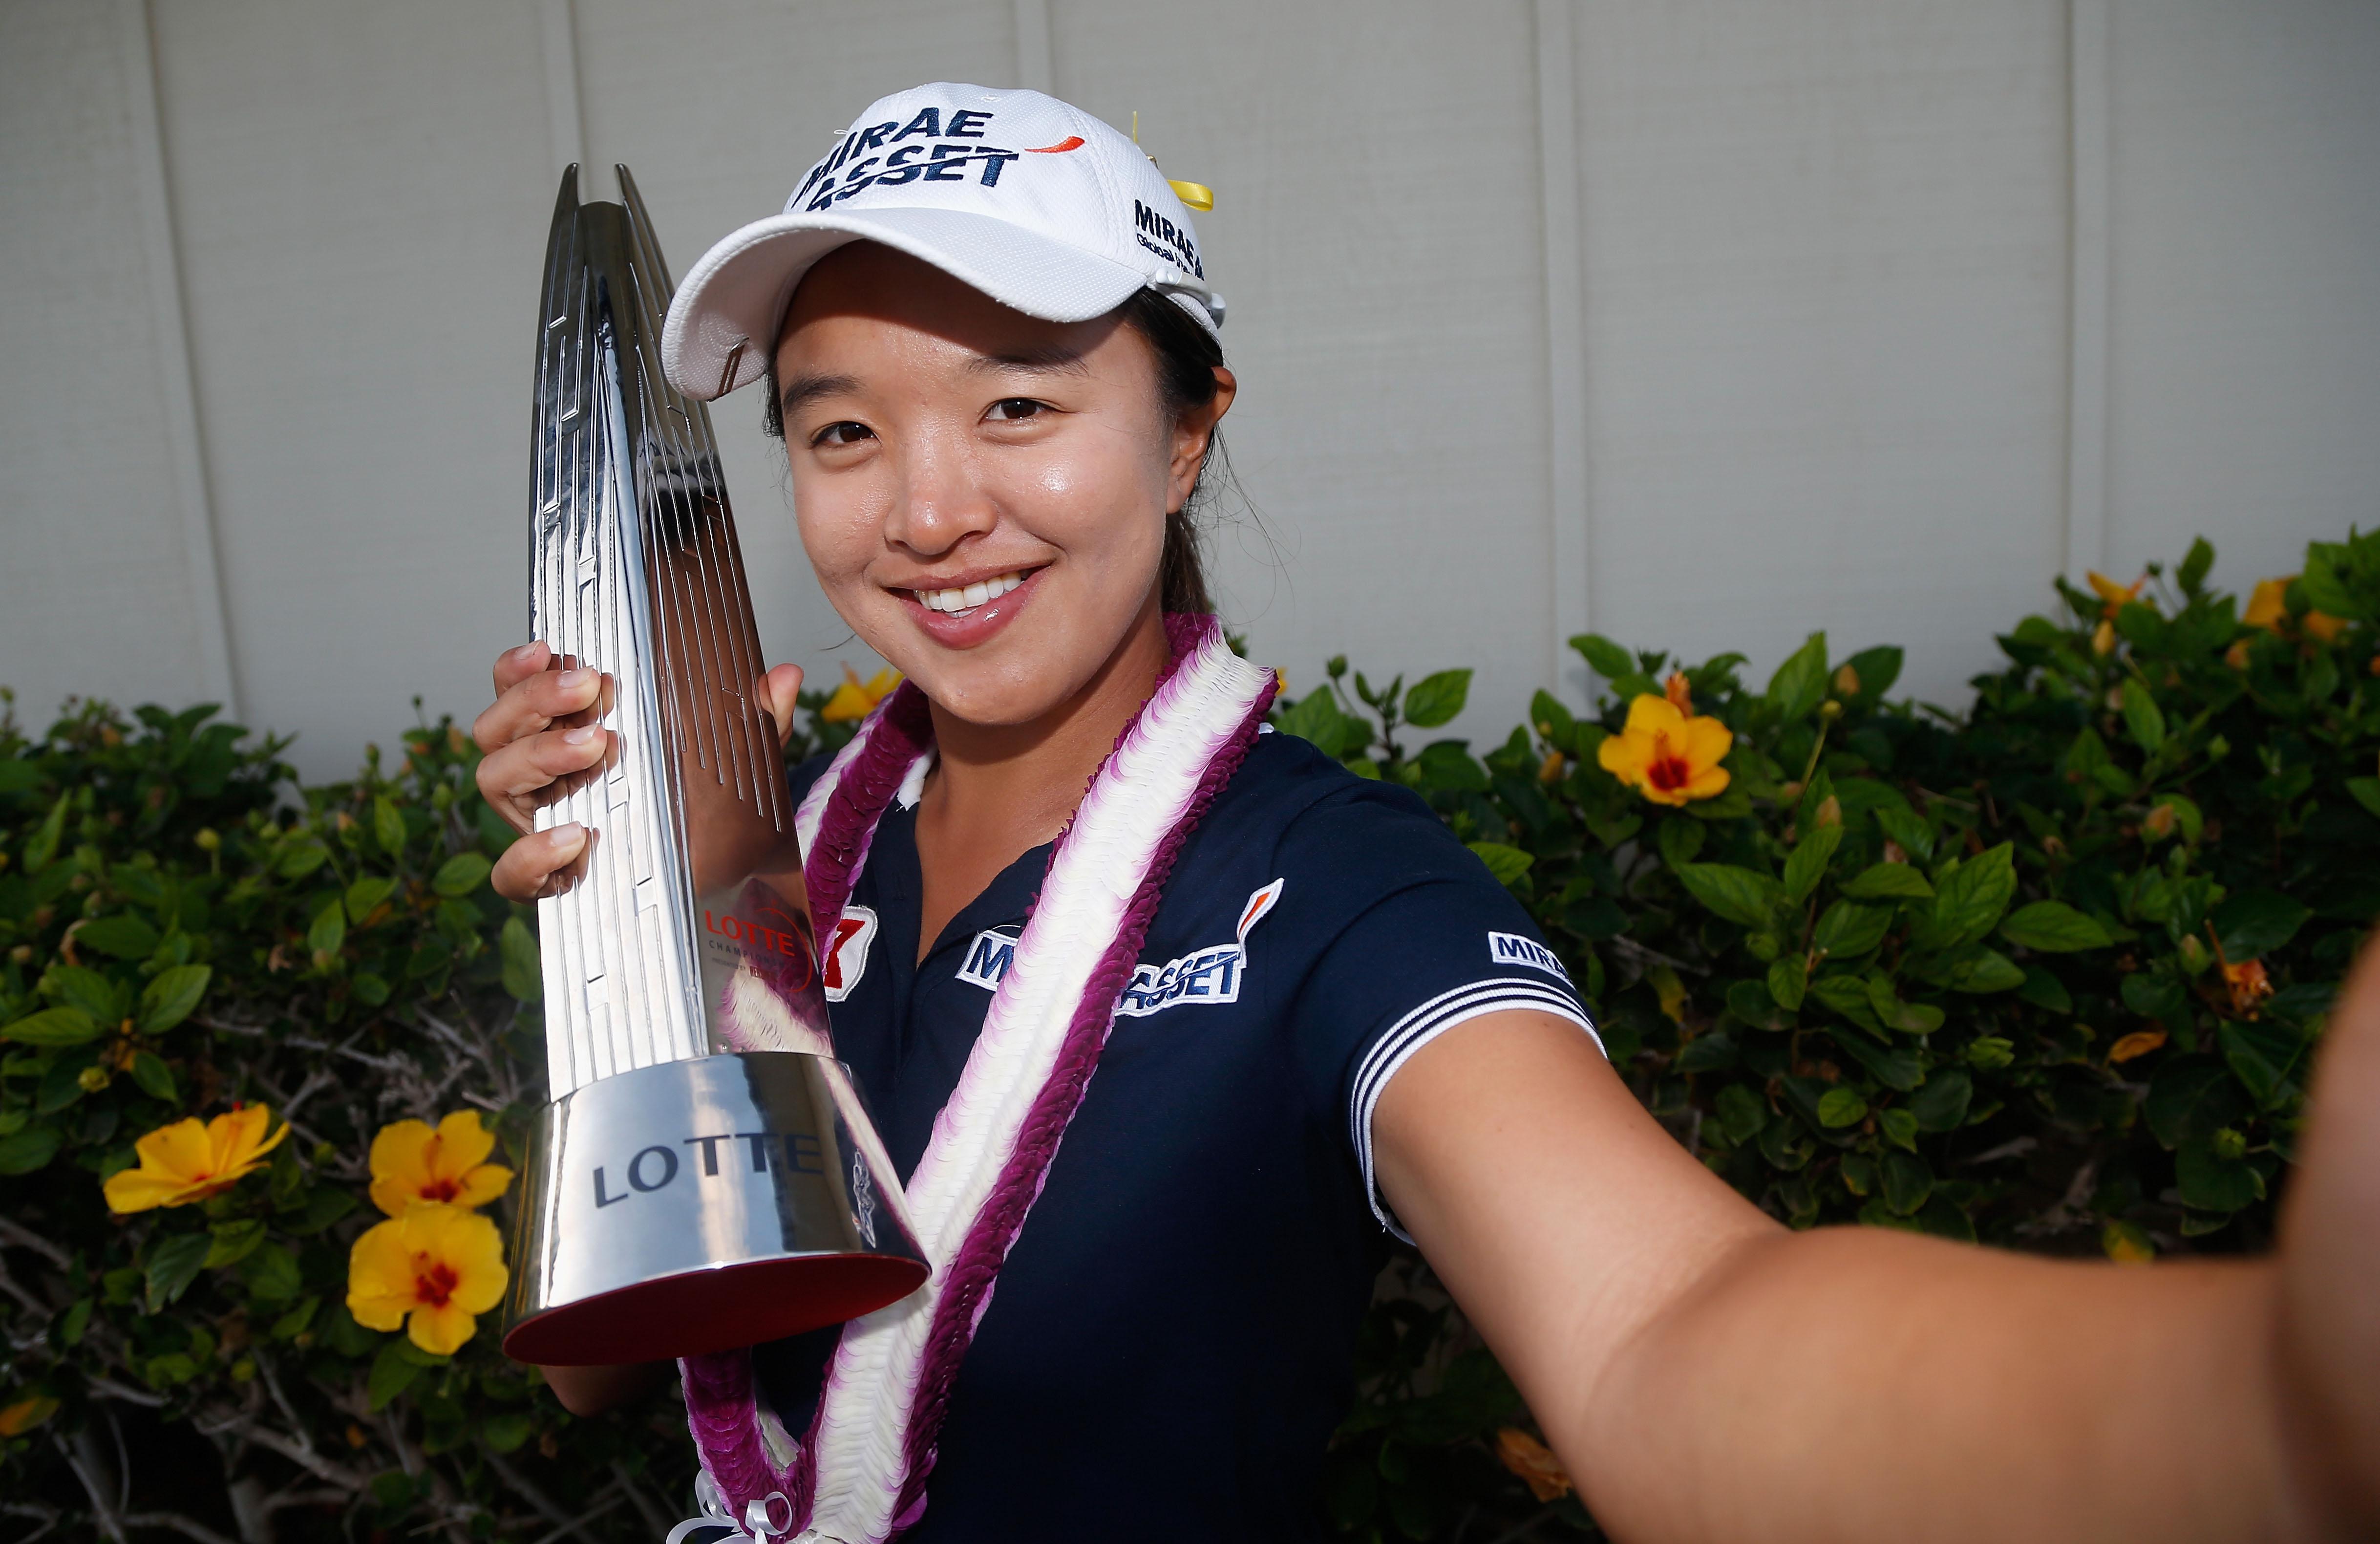 Lotte Championship: Sei Young Kim